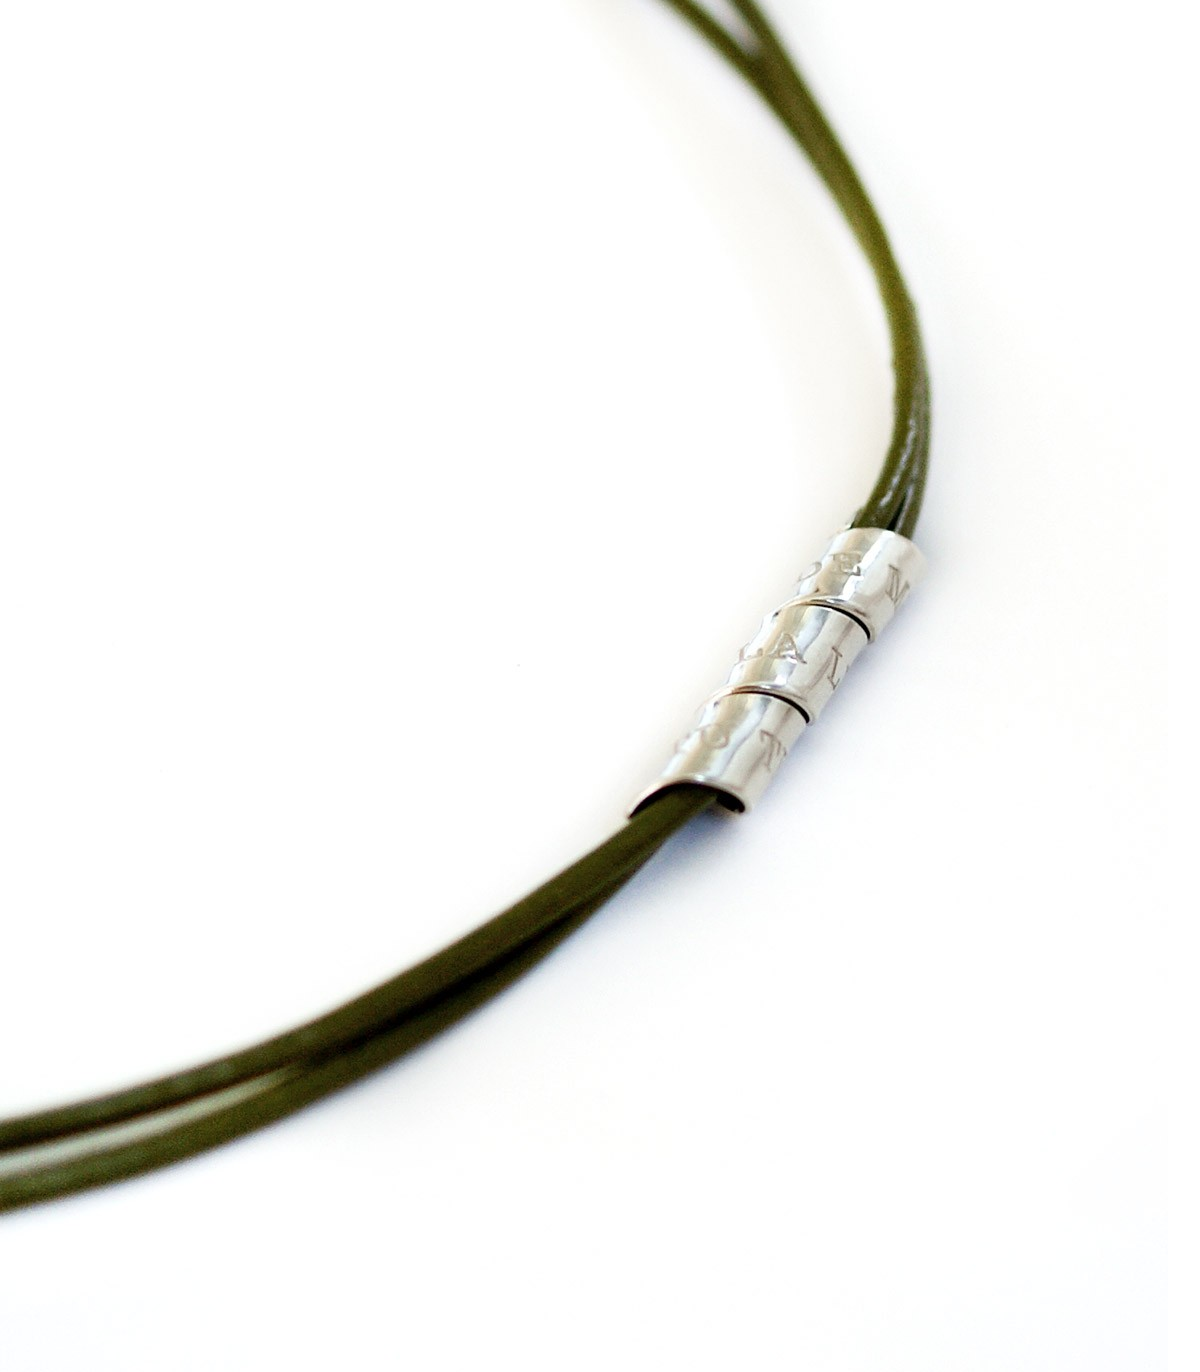 e4116ae6c599 Collar de cuero y plata personalizado – Curly - Joyas de moda para ...